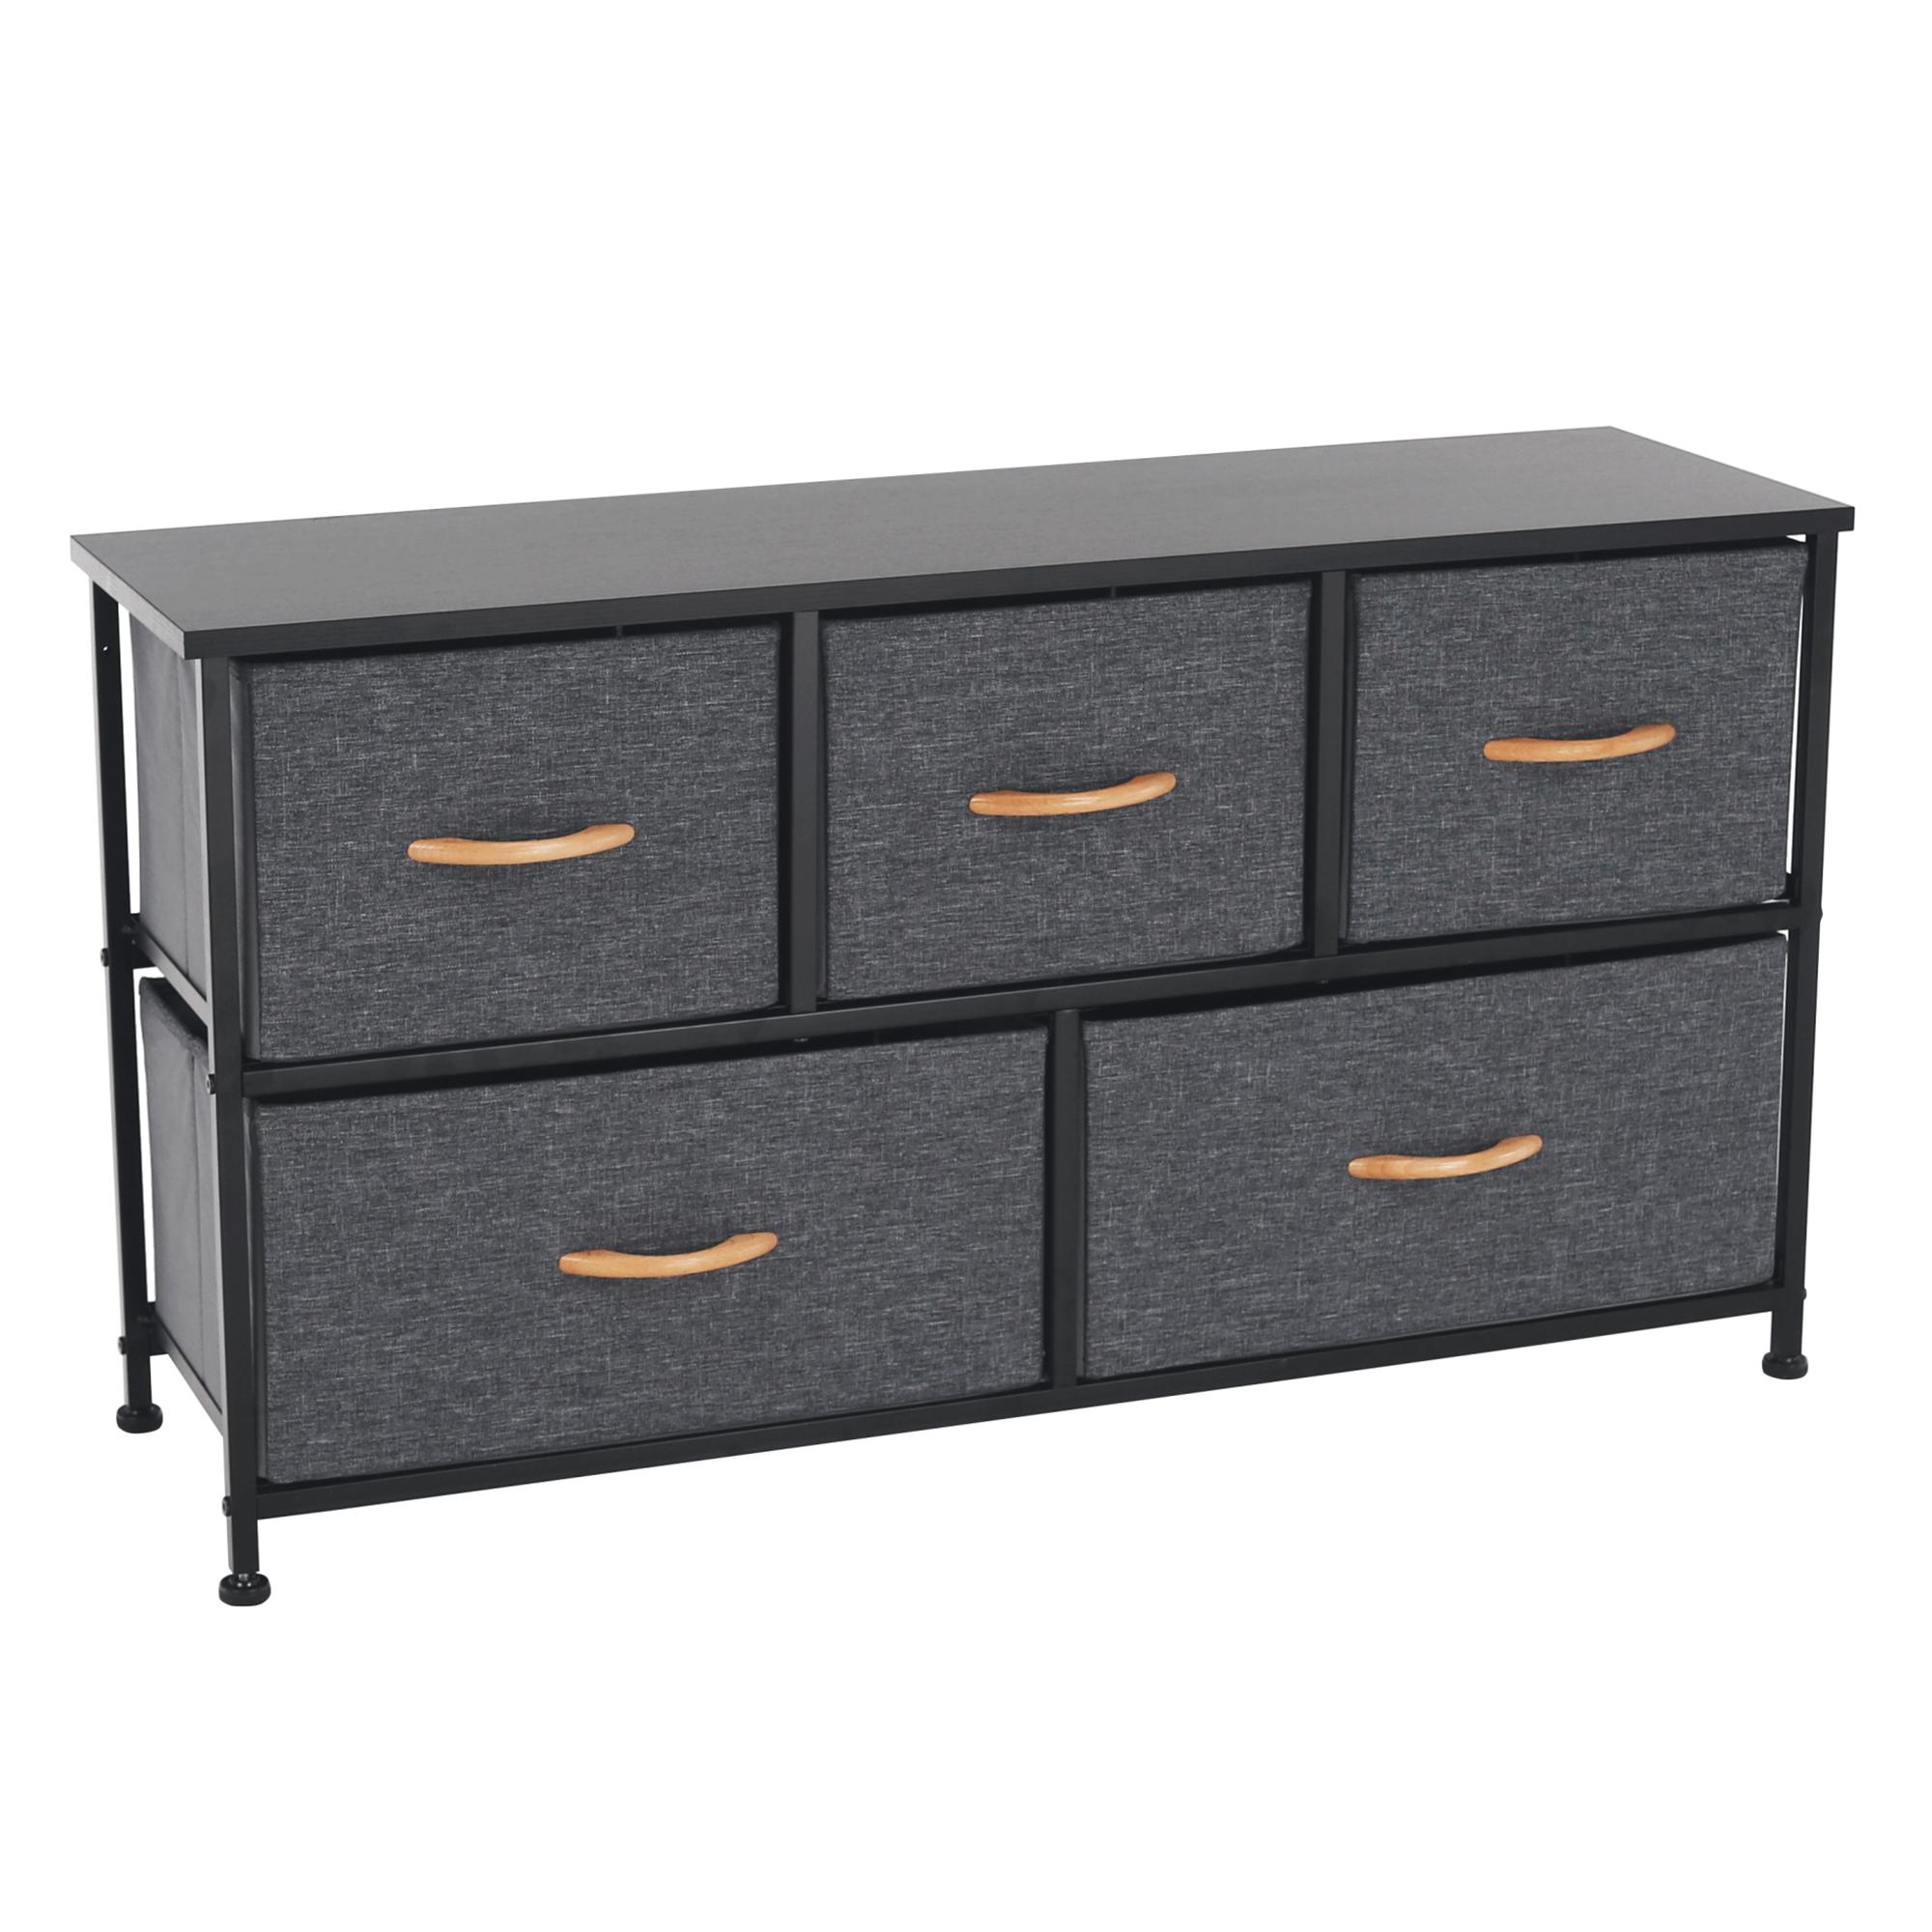 Comodă cu sertare din material textil, negru/gri închis, PALMERA TYP 3